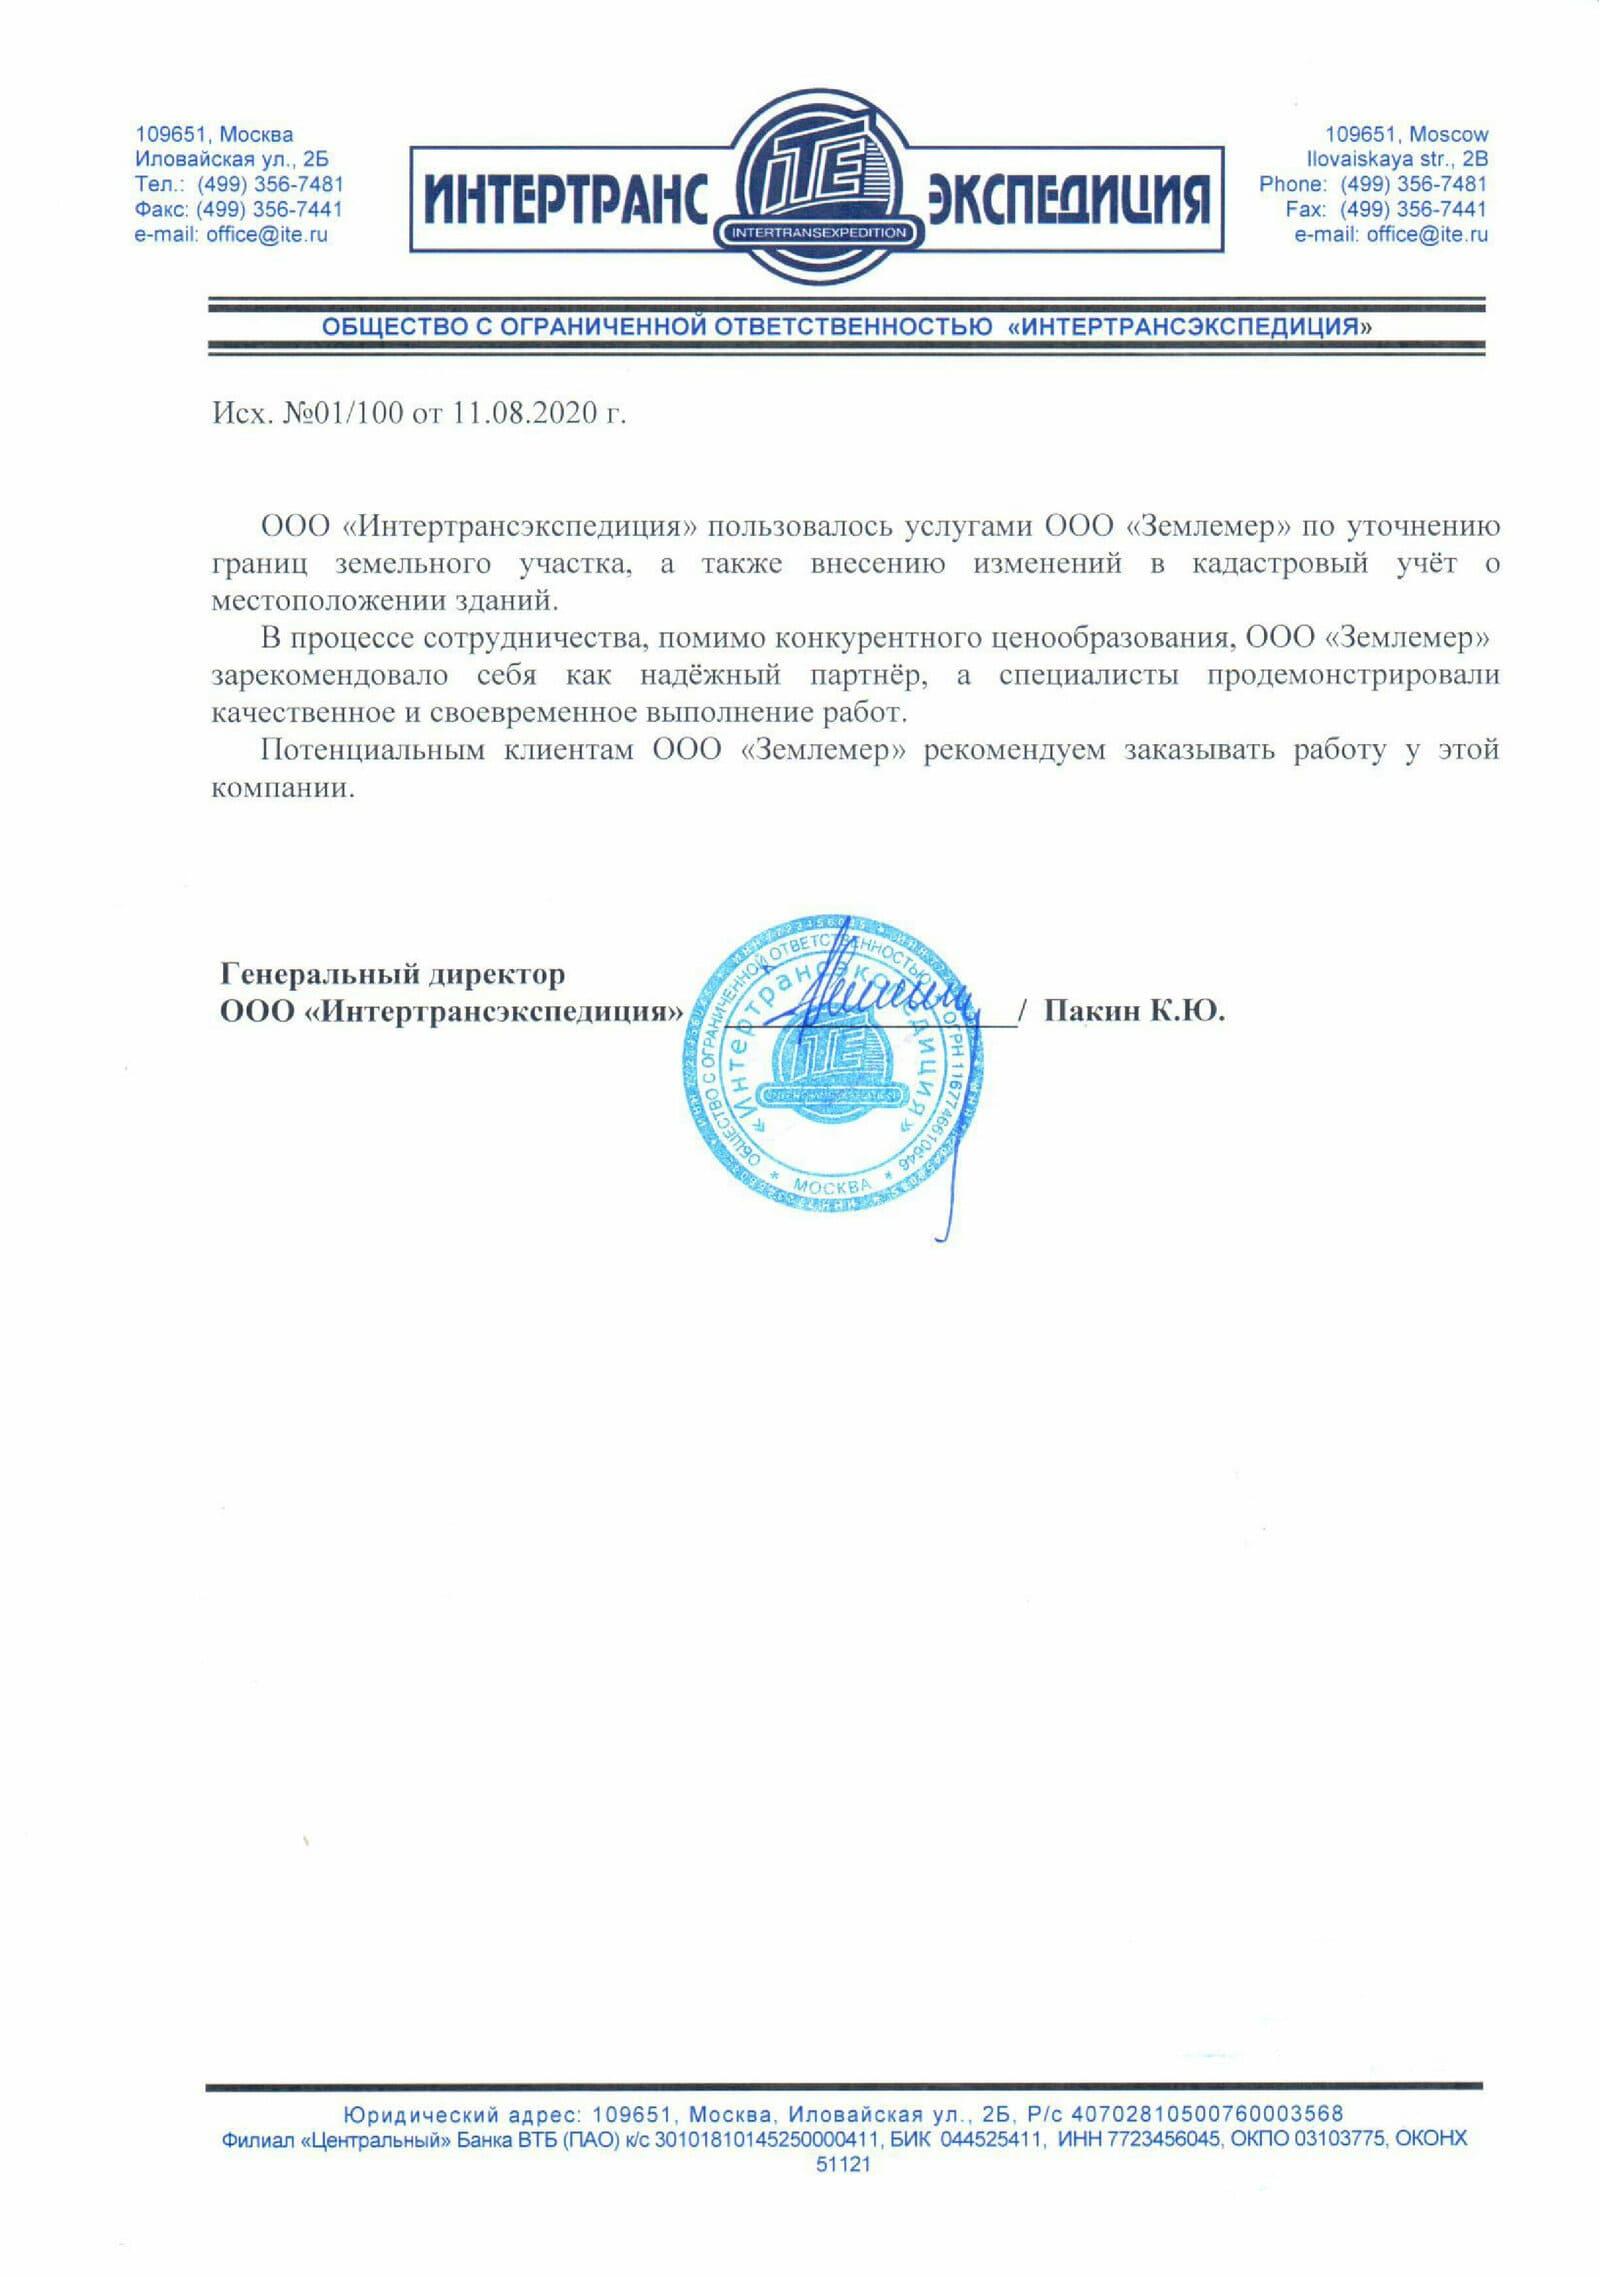 Рекомендательное письмо Интертрансэкспедиция